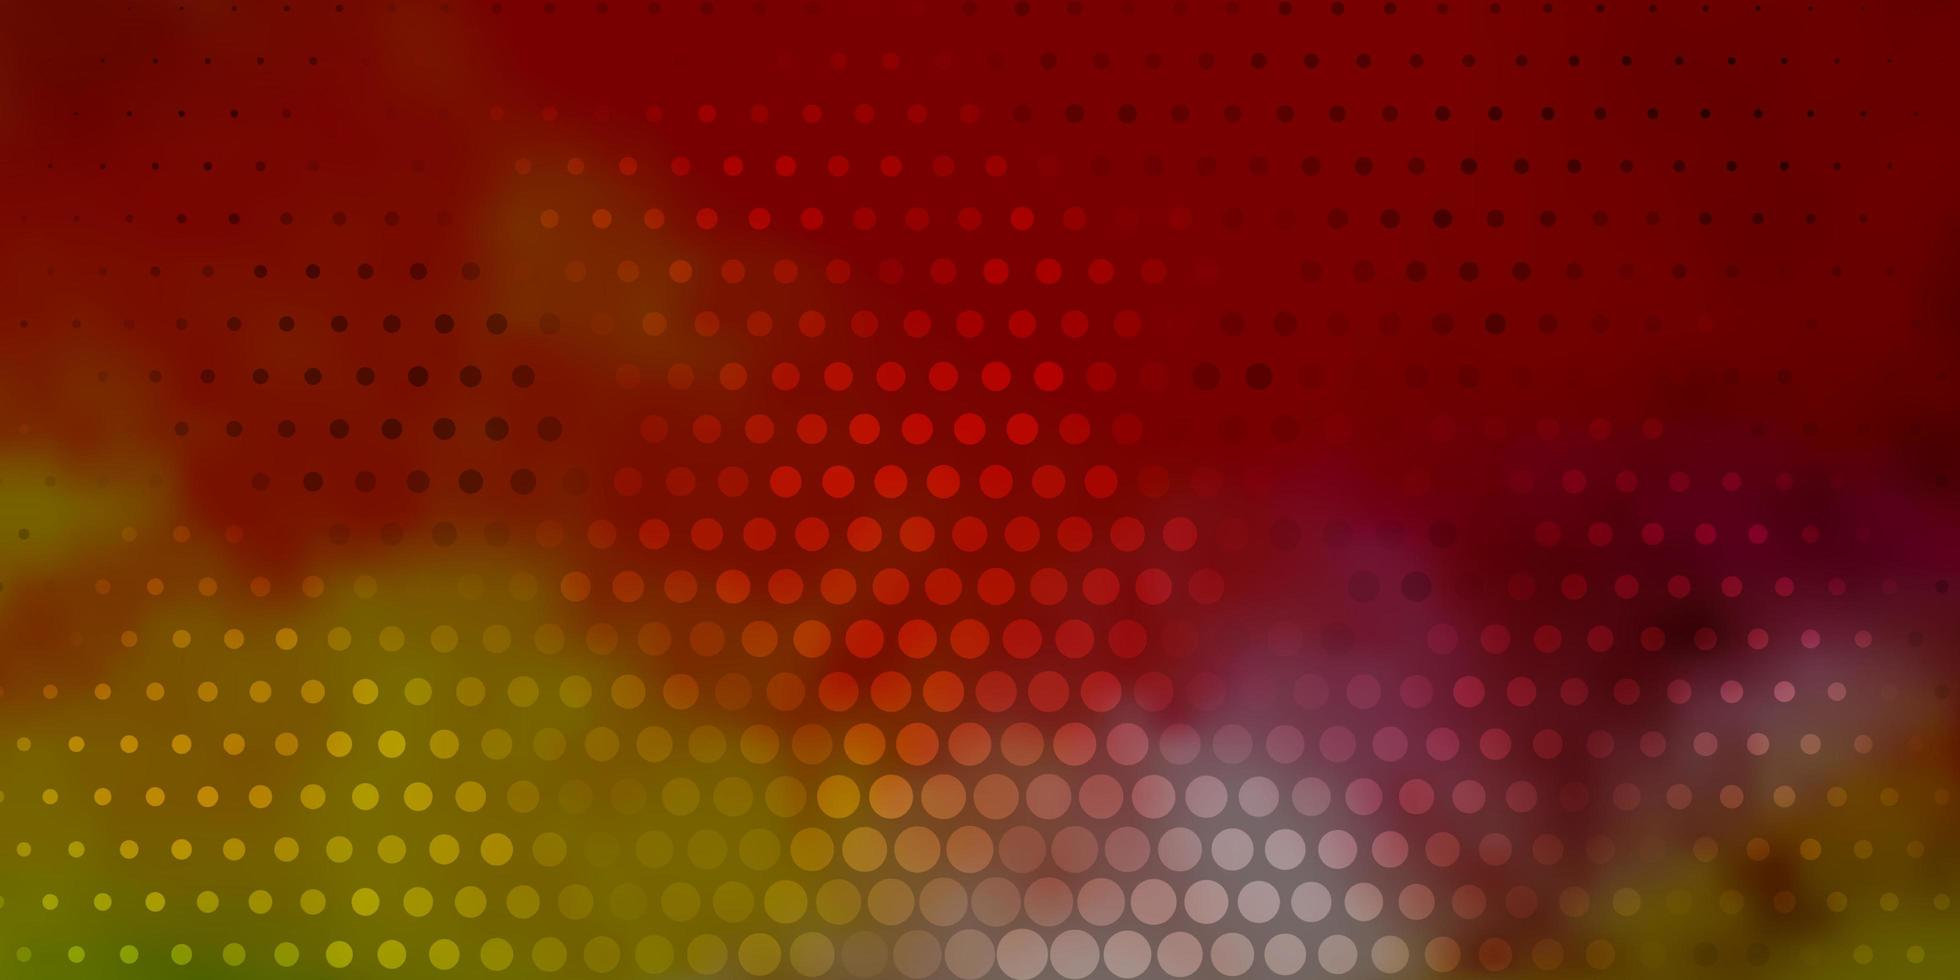 luz de fundo vector multicolor com bolhas.